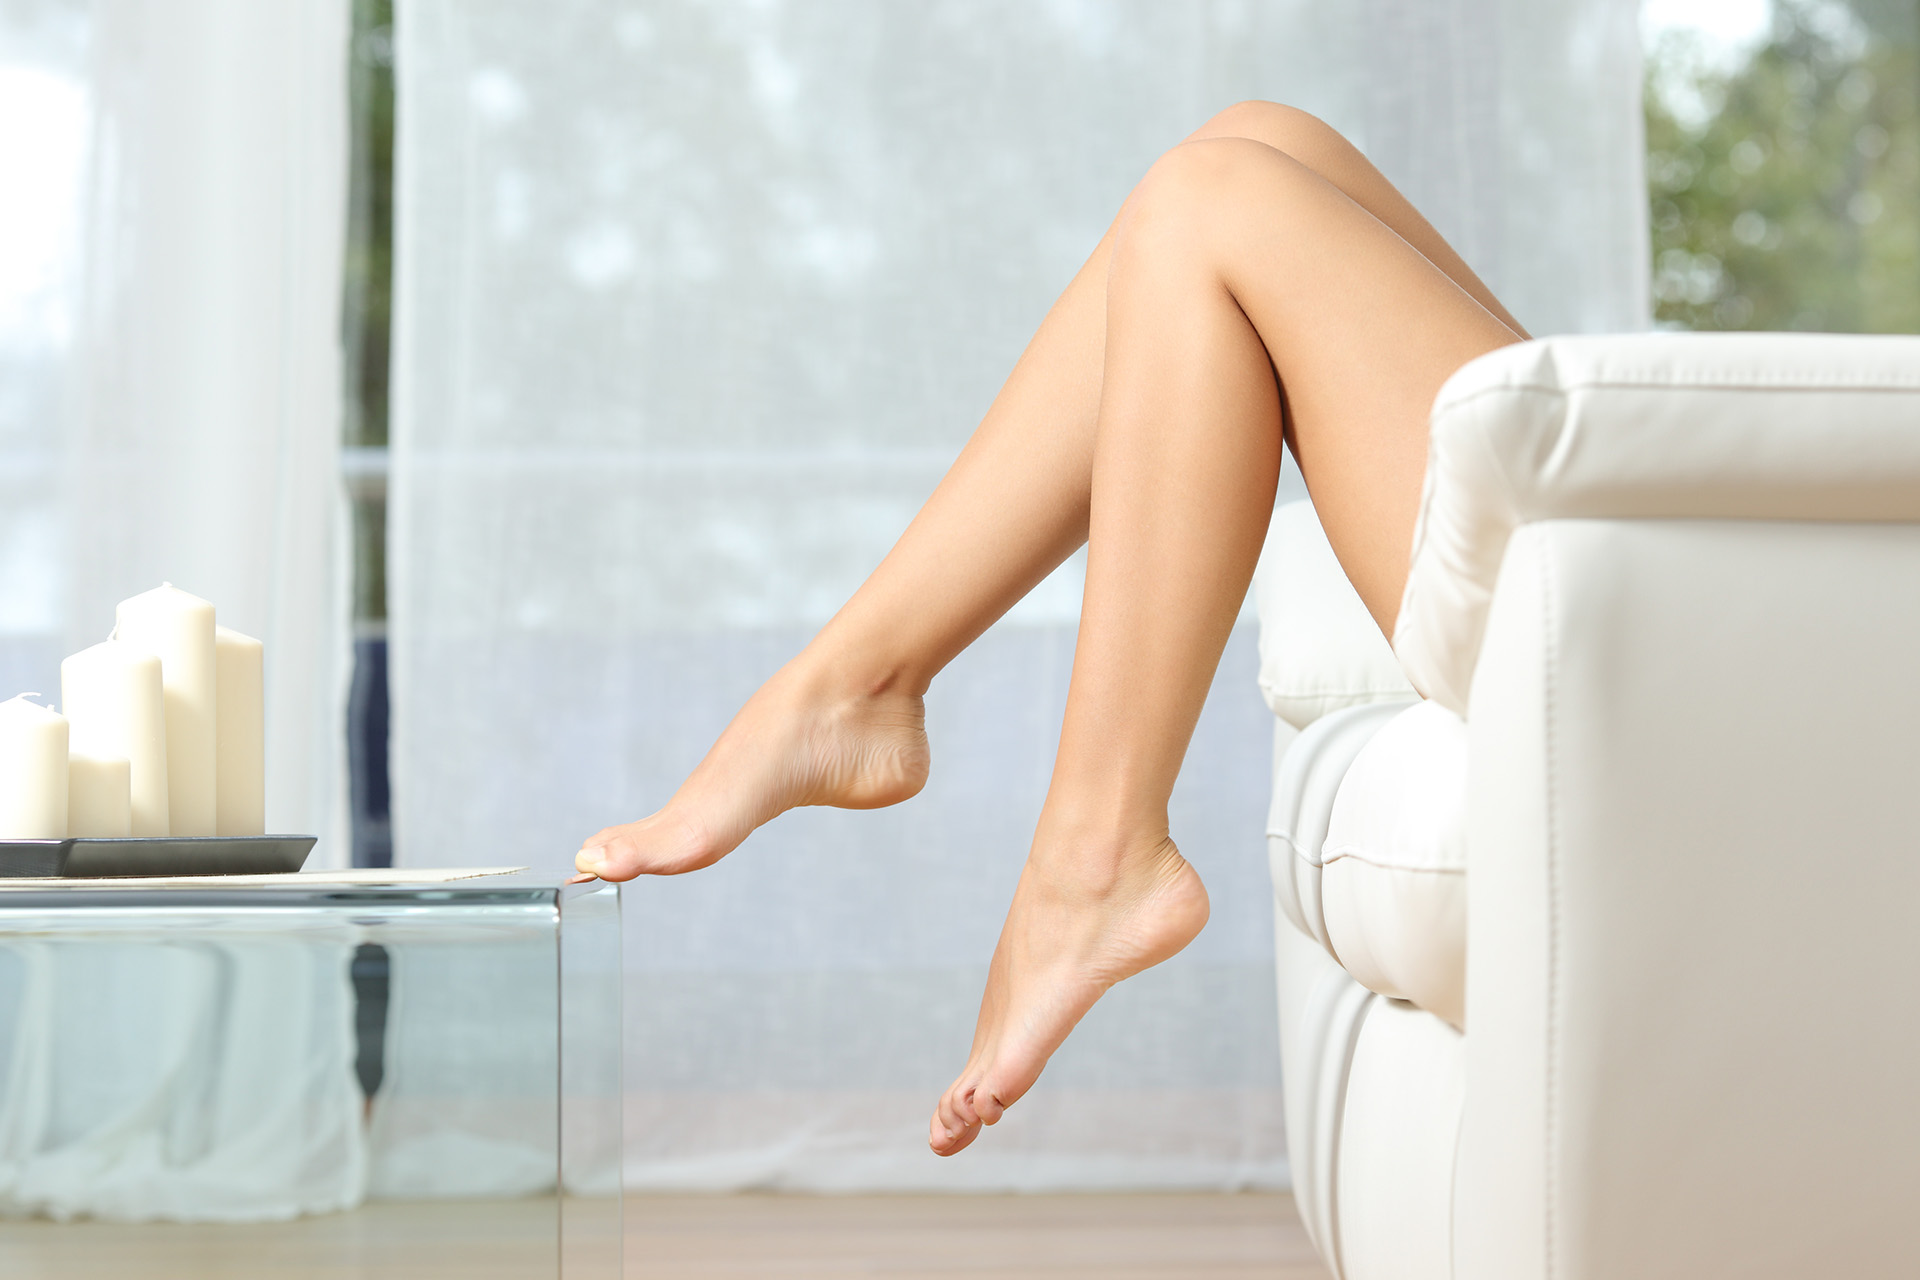 Днем рождения, картинки красивые ноги девушек